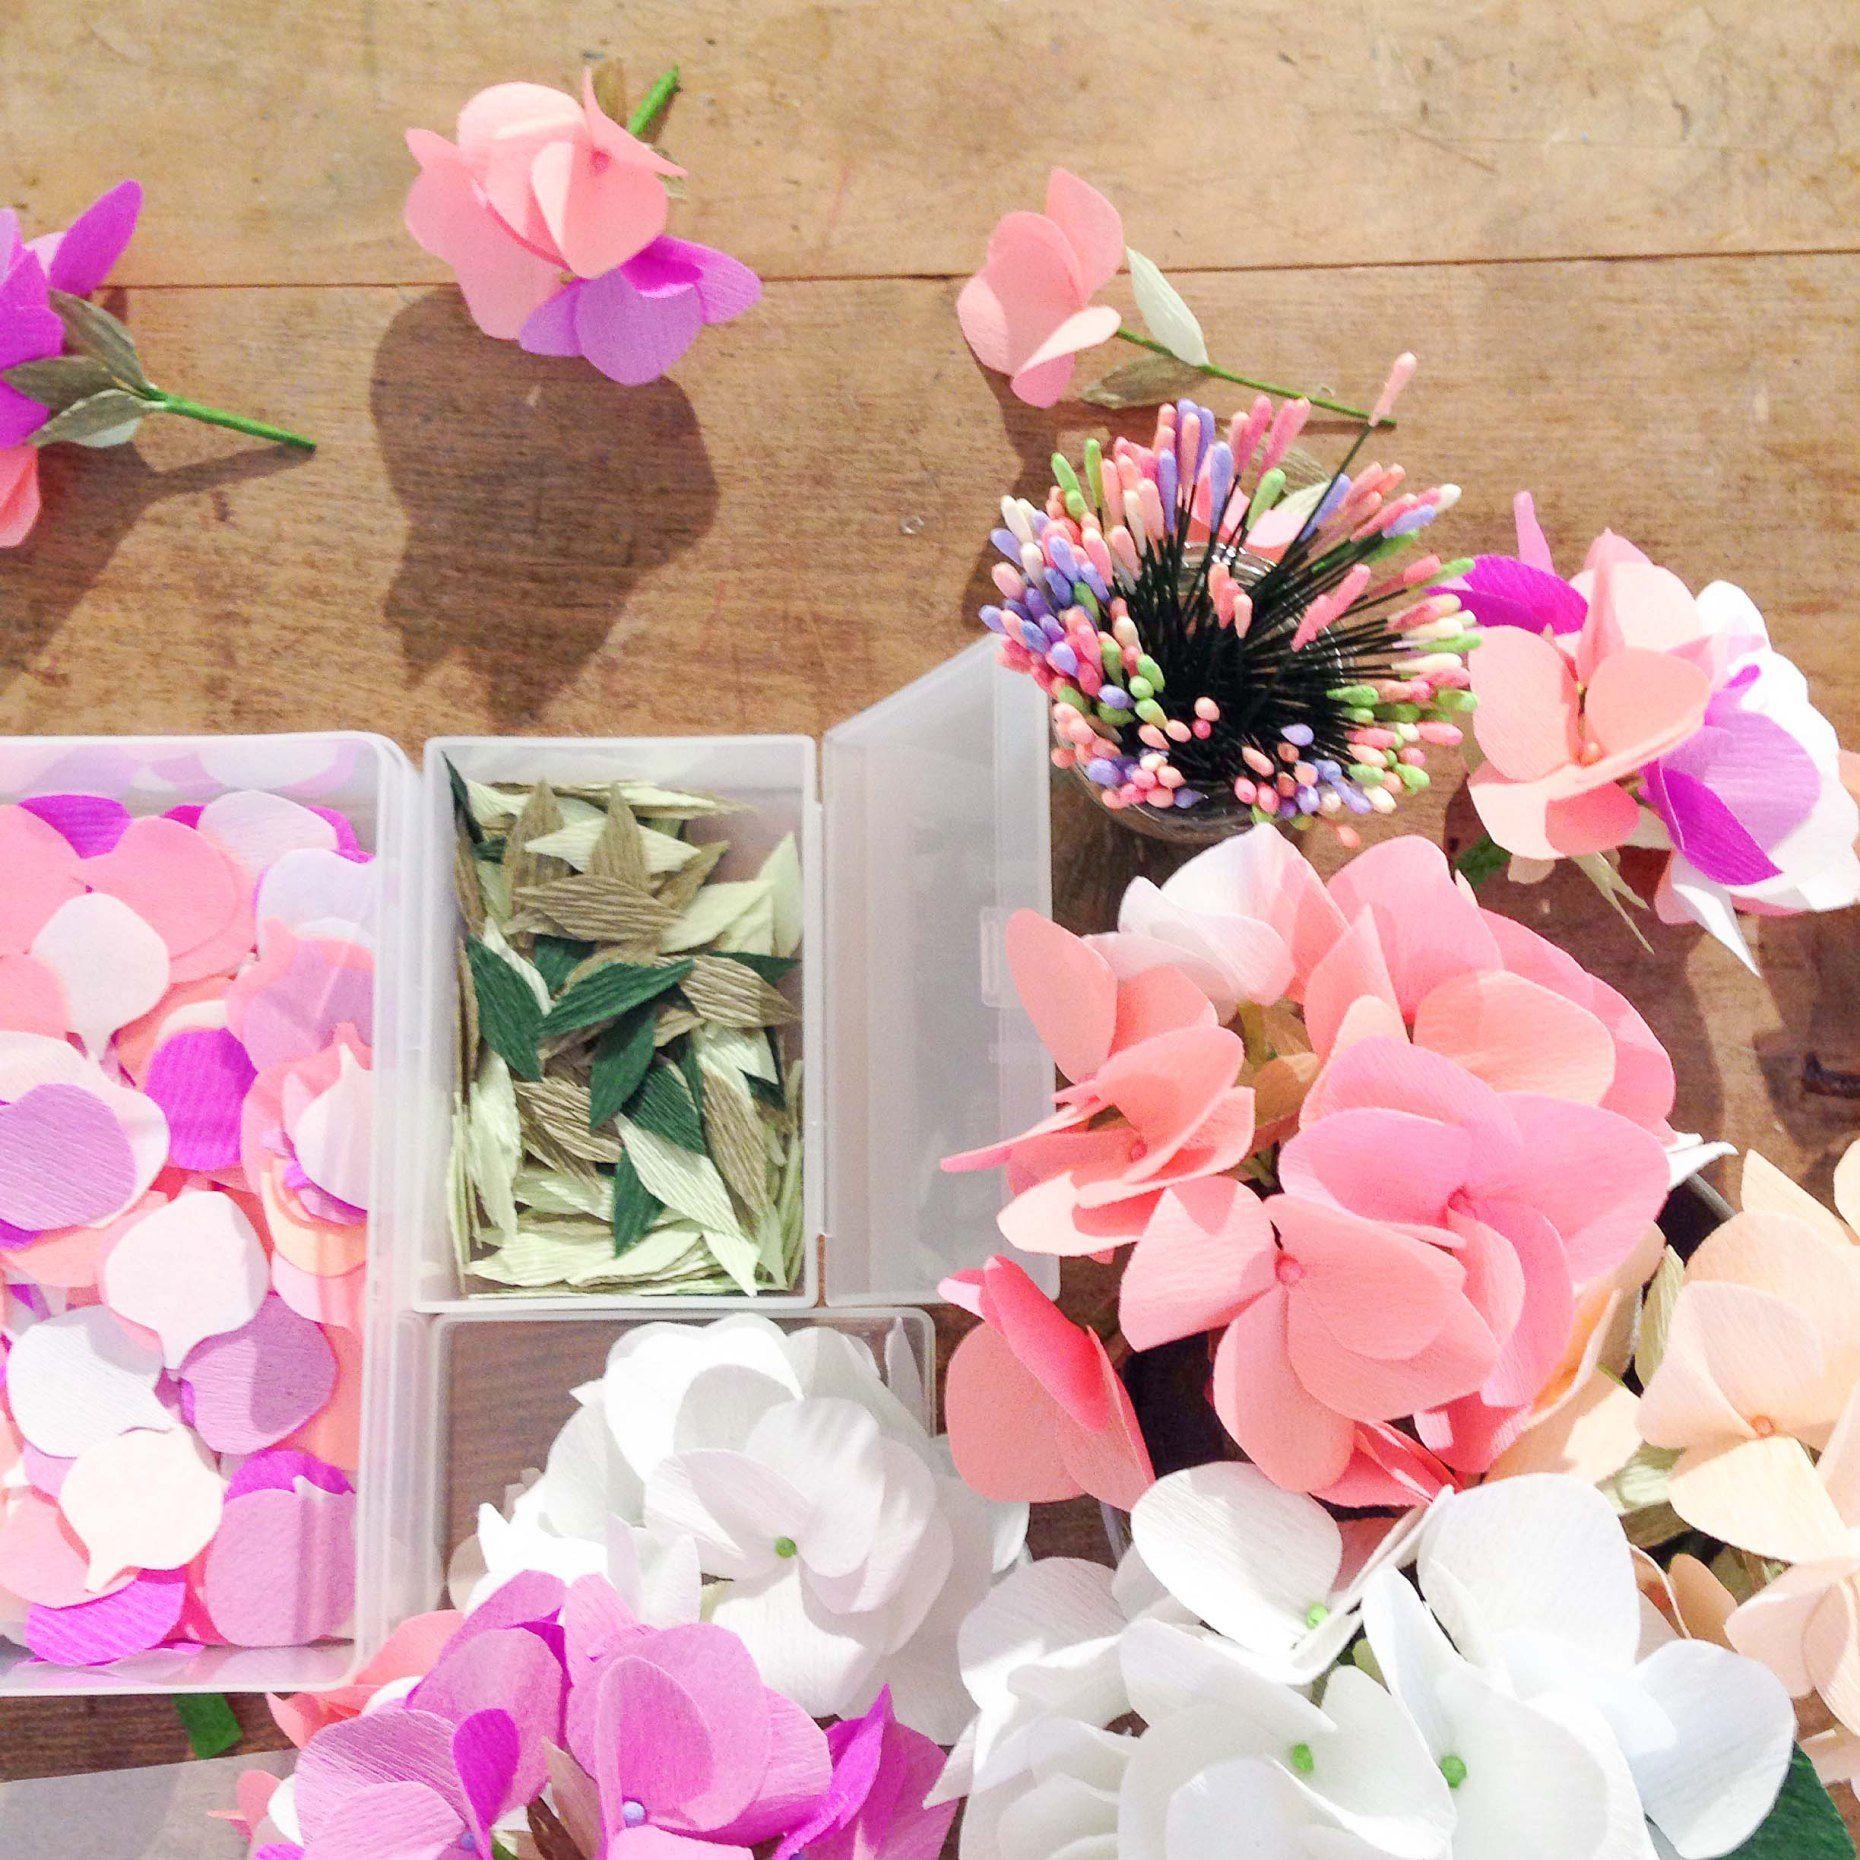 Creative Paper Flower Making Juvecenitdelacabrera